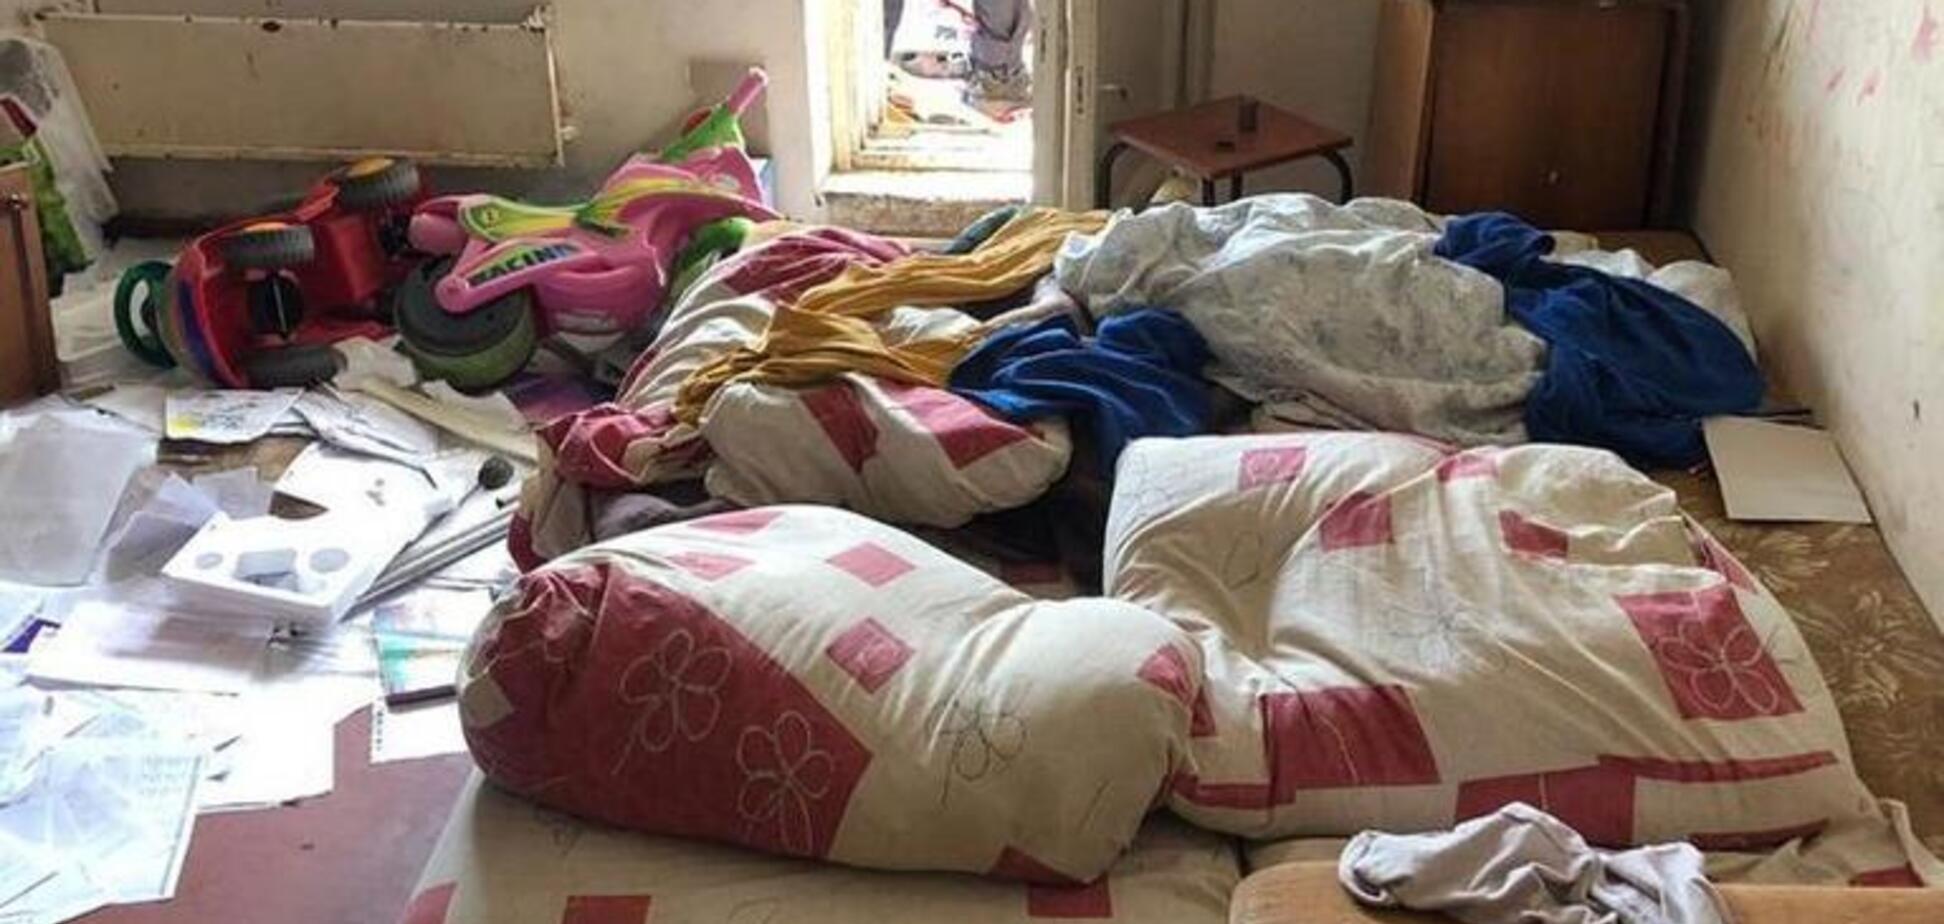 Пьяная мать спала: в Киеве из окна многоэтажки выпал 3-летний ребенок